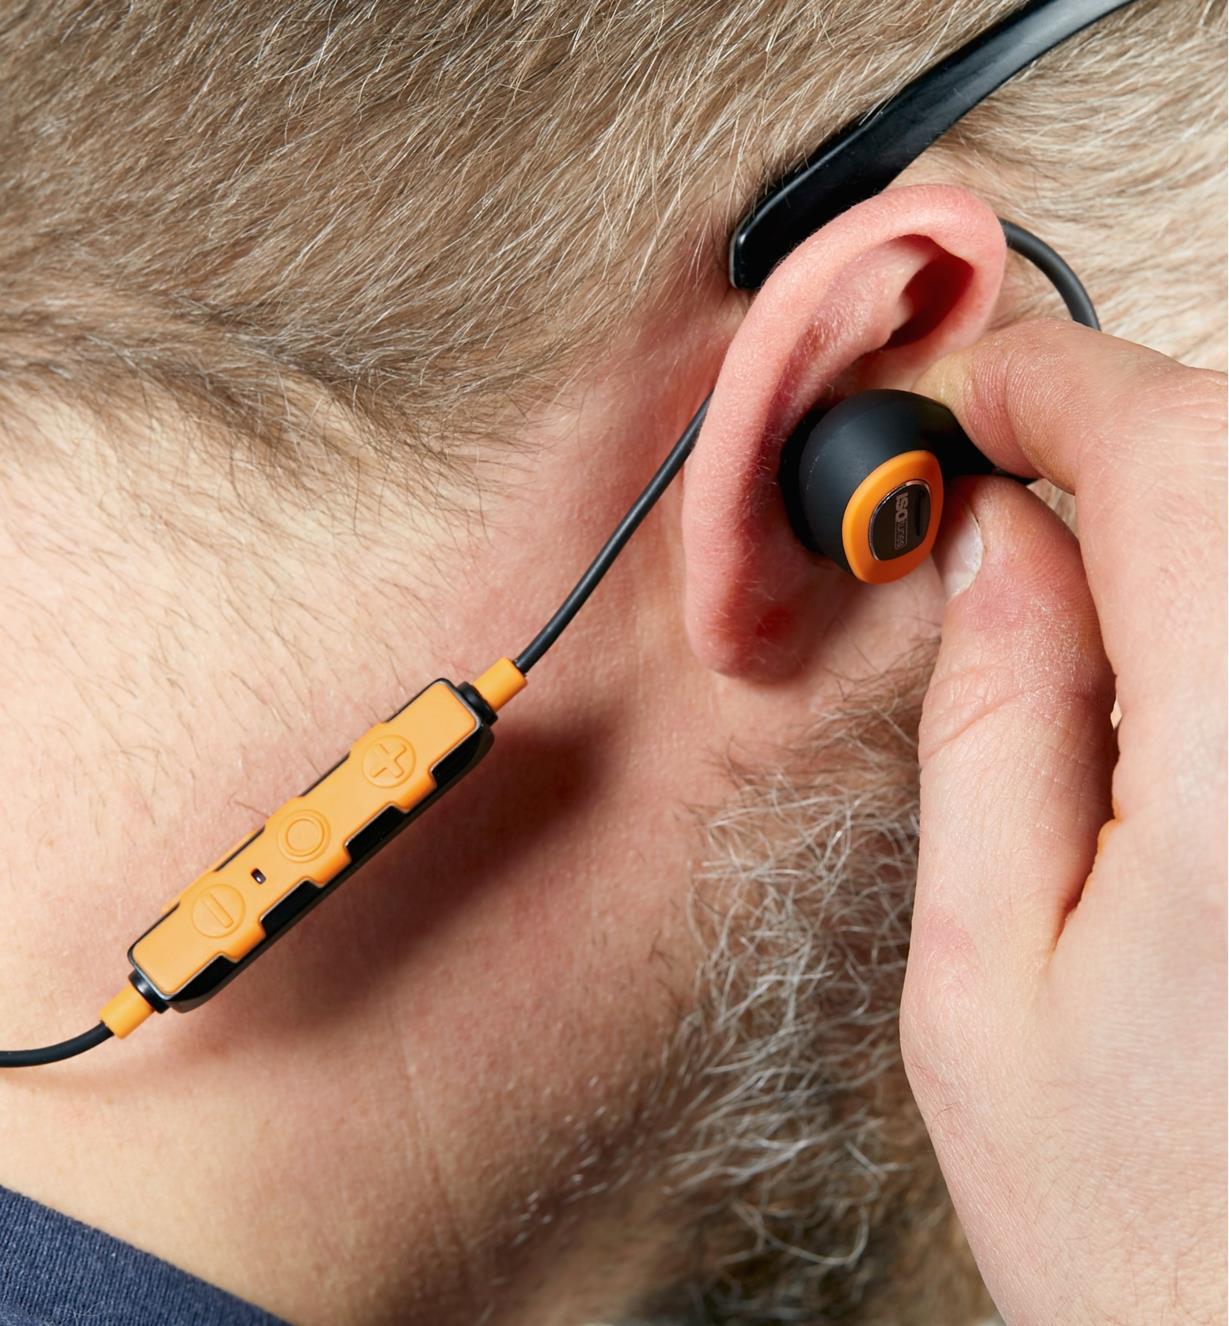 Homme insérant un écouteur antibruit électronique avec fil ISOtunes Pro 2.0 dans son oreille